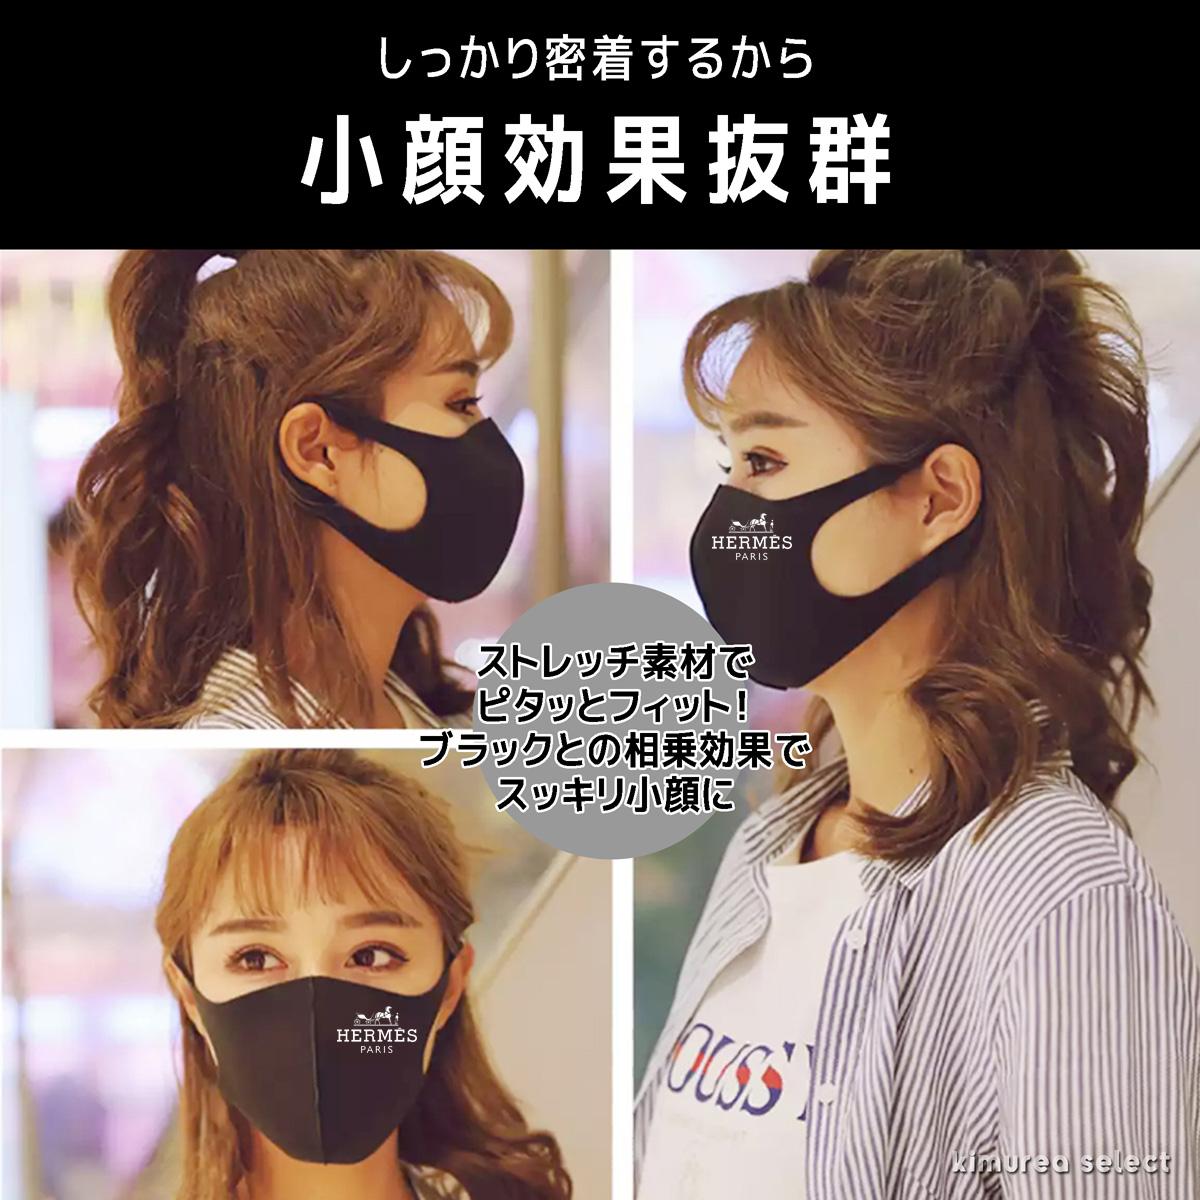 Hermes brand ins trending face masks